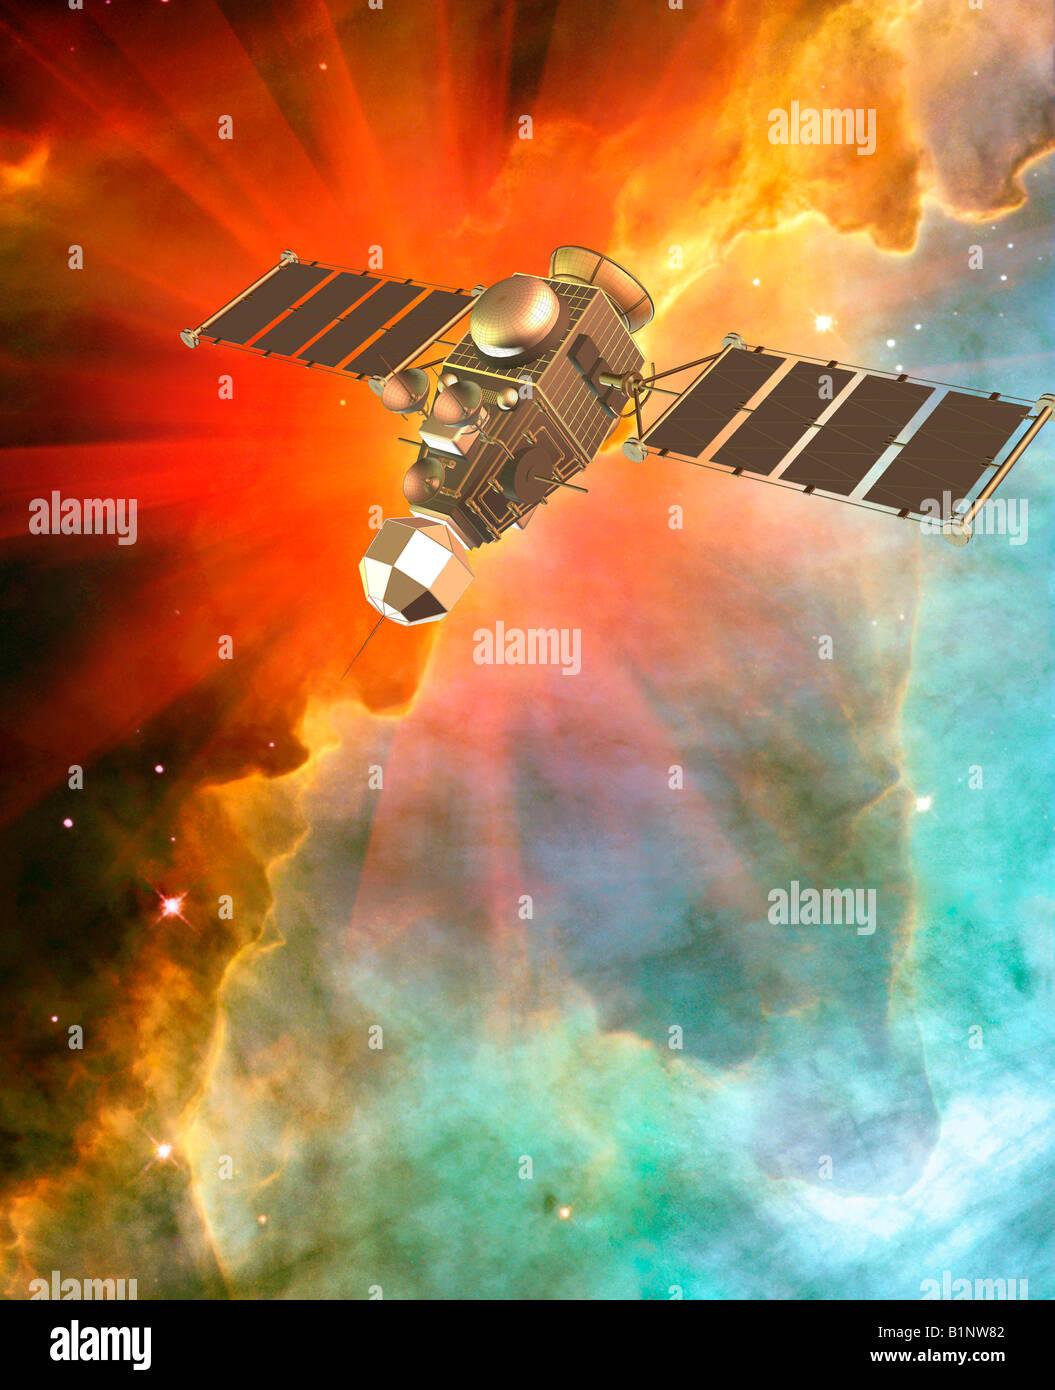 3D generata da computer concetto di veicolo spaziale aggiunto digitalmente per uno sfondo della galassia nello spazio Immagini Stock